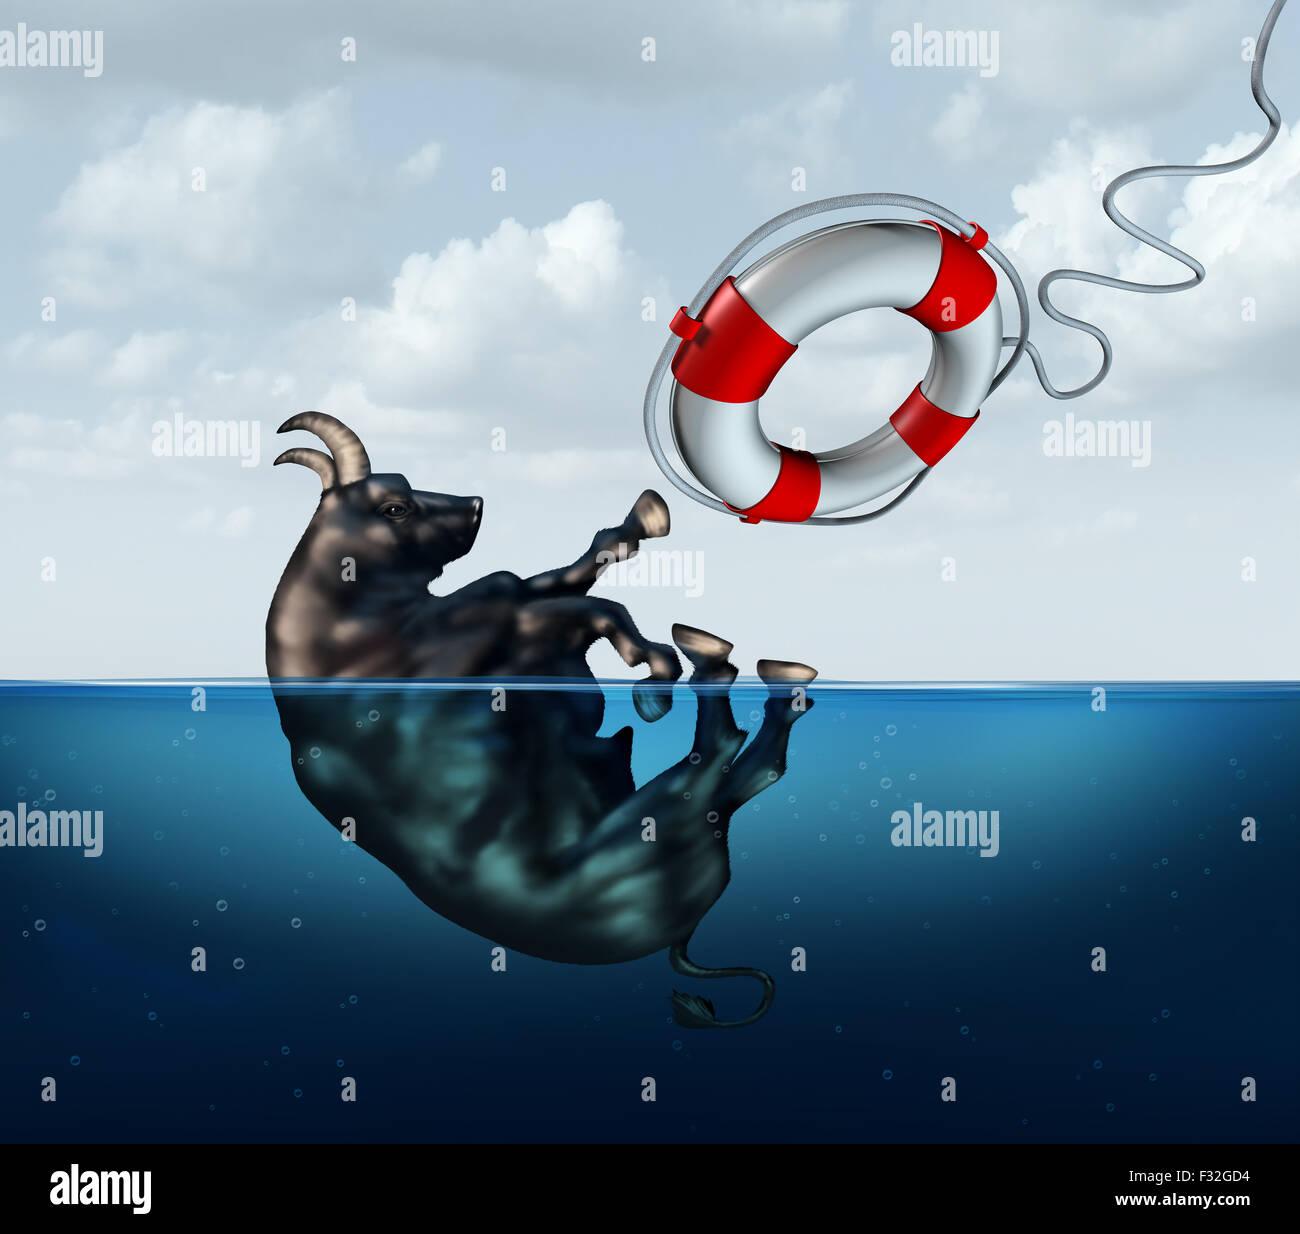 Die Bull Markt Geschäftskonzept oder Geldanlage Sicherheit Metapher speichern als ein Stier mit ein Lebensretter Stockfoto